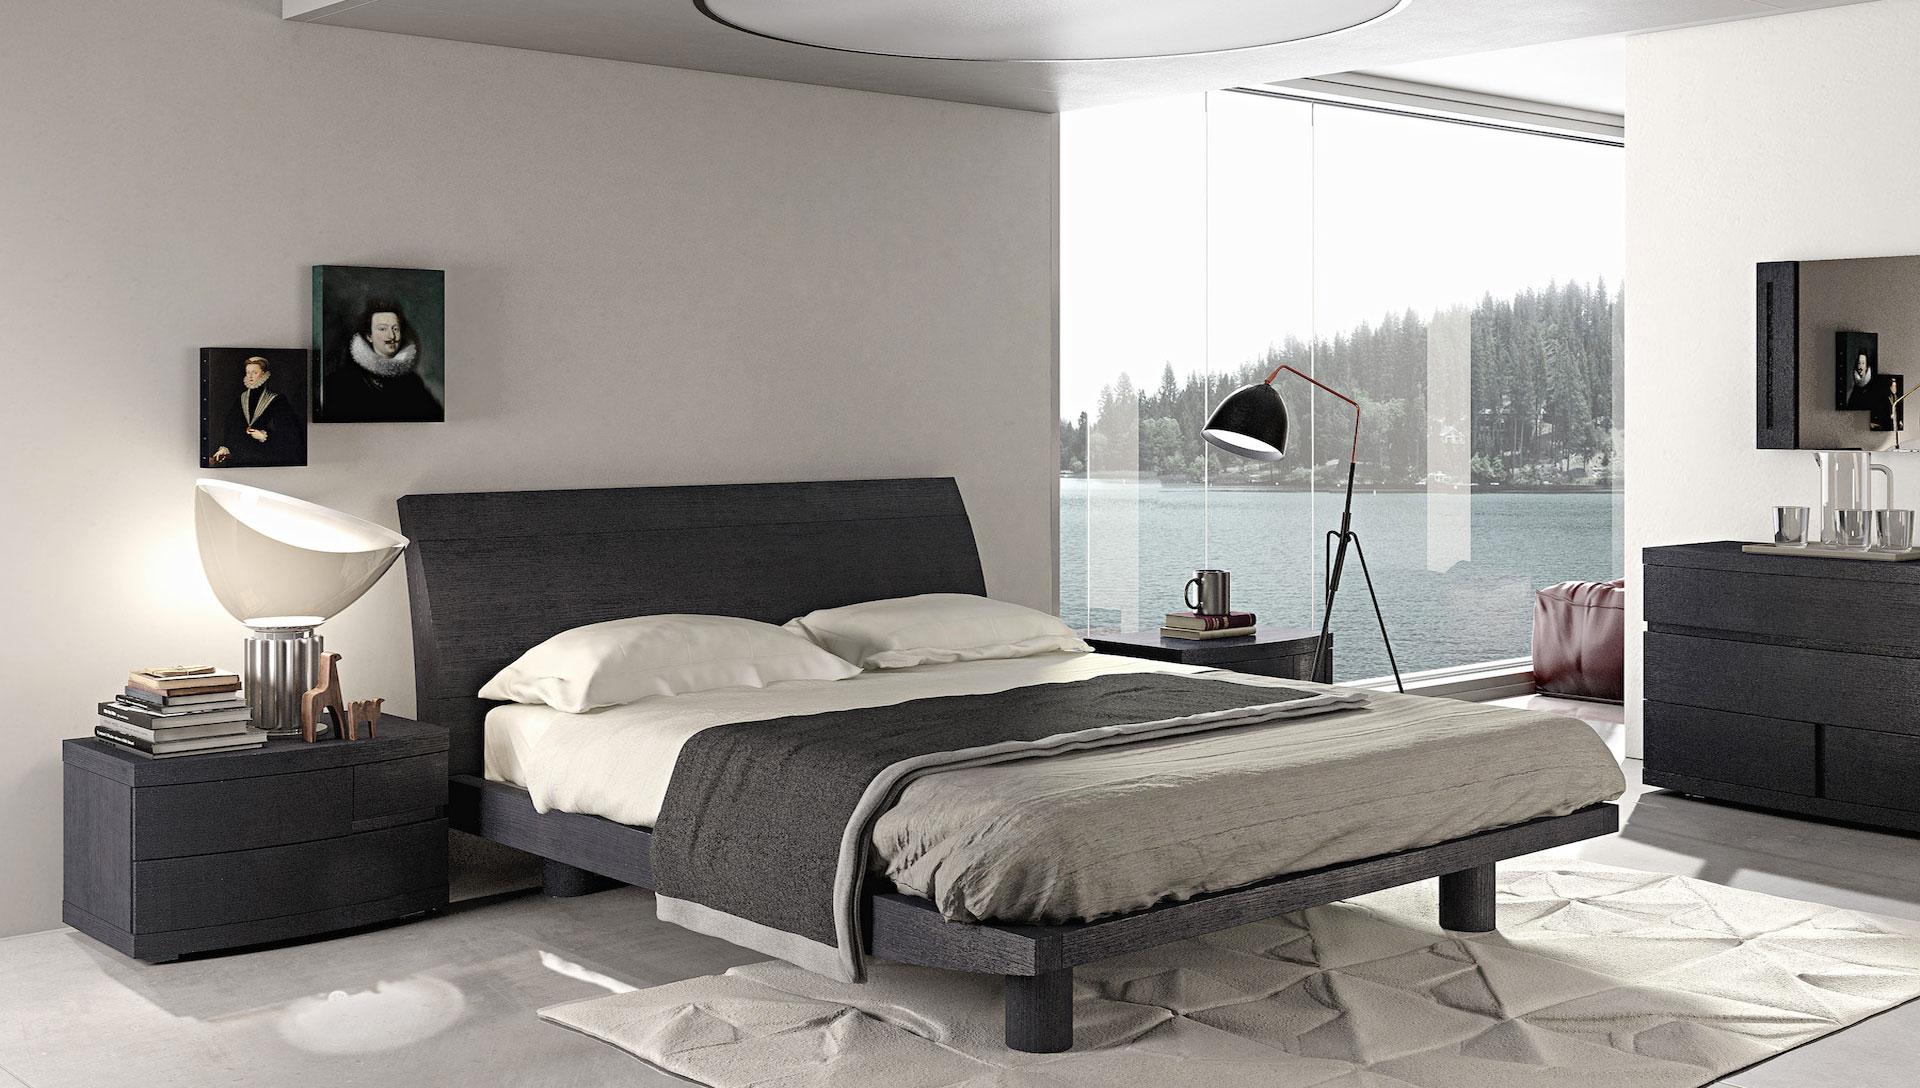 zona-notte-fazzini-comodus-arredamenti-nicoletti-interni-interior-design-divani-complementi-arredo-mobili-design-accessori-matera